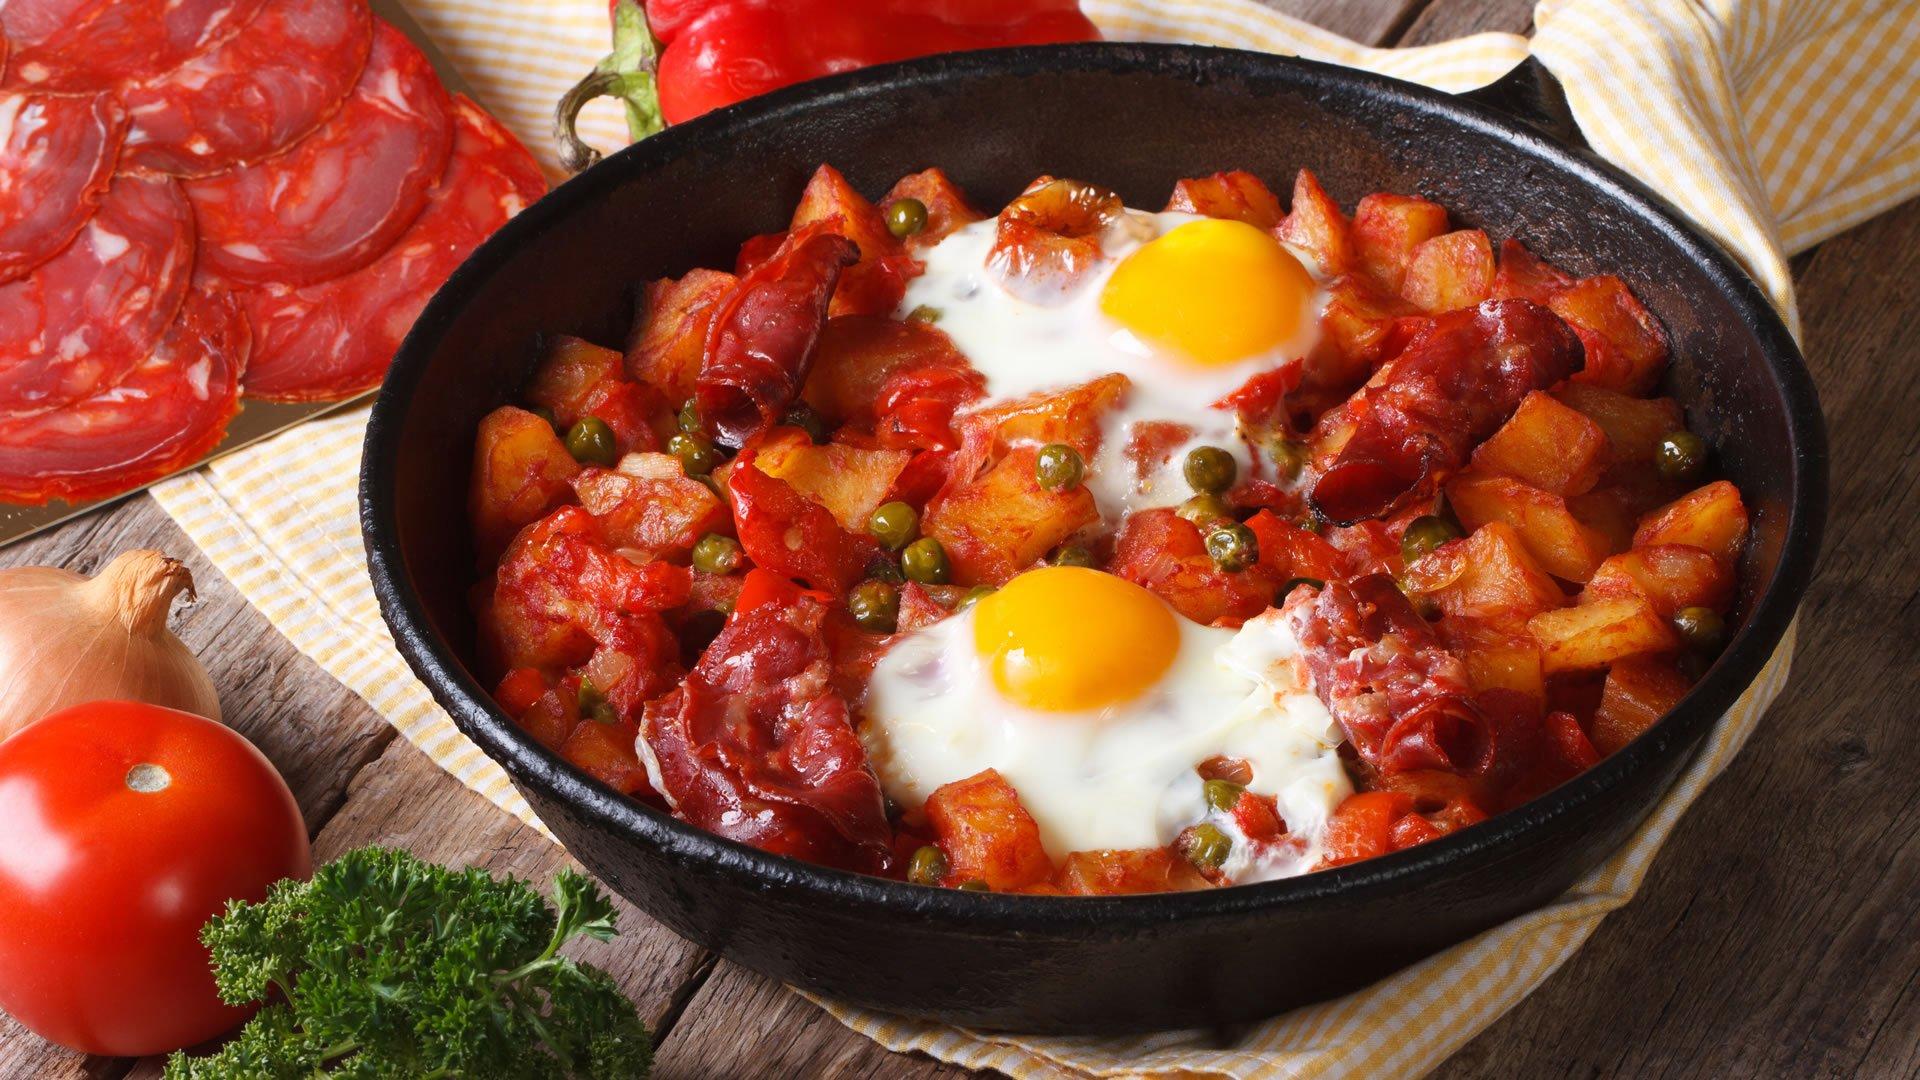 Comida de huevos y corrida en la cara - 2 part 3